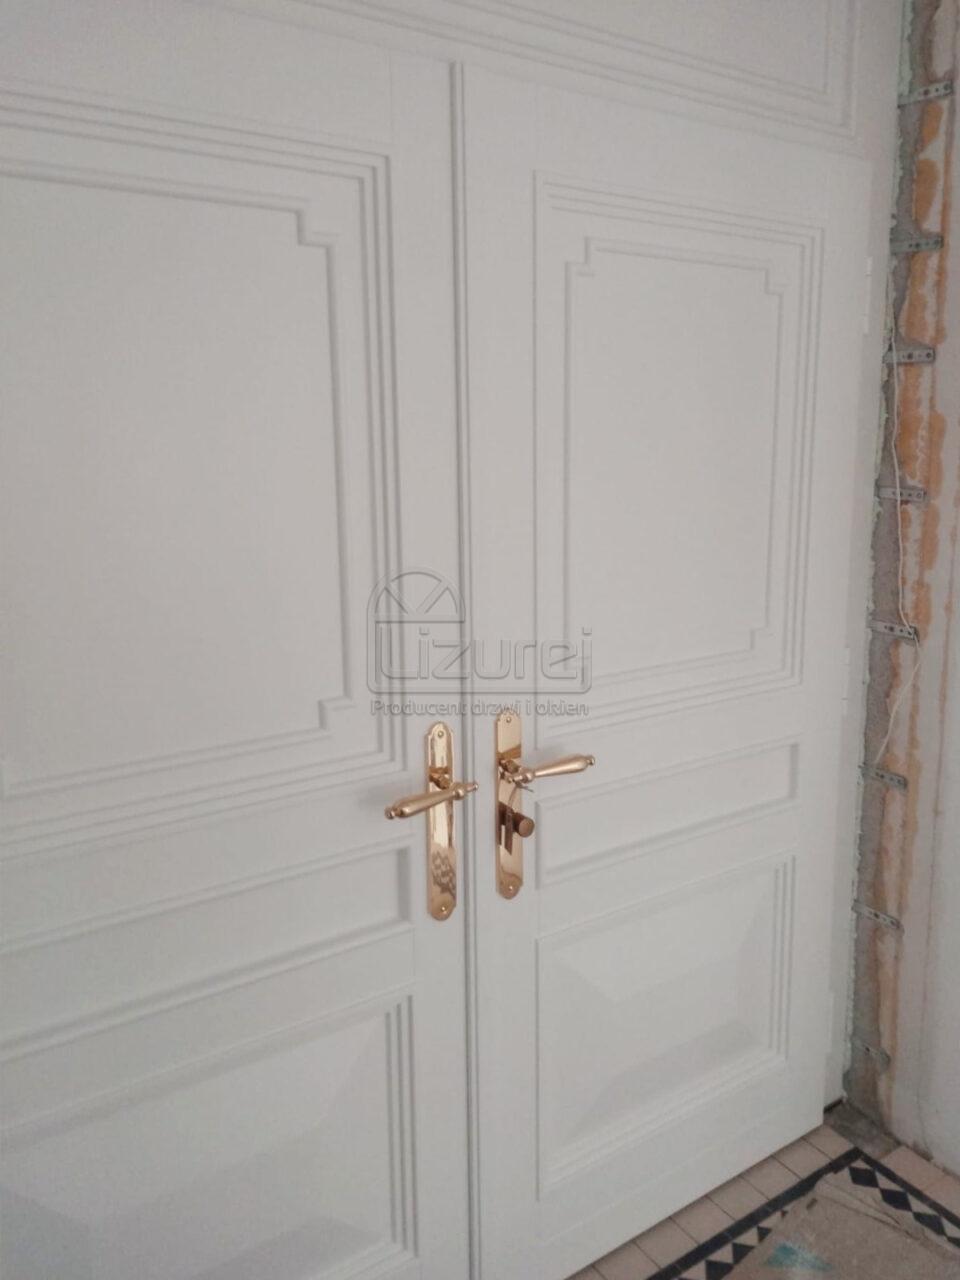 Producent Drzwi Drewnianych Na Wymiar Lizurej Galeria Zewnętrzne 51